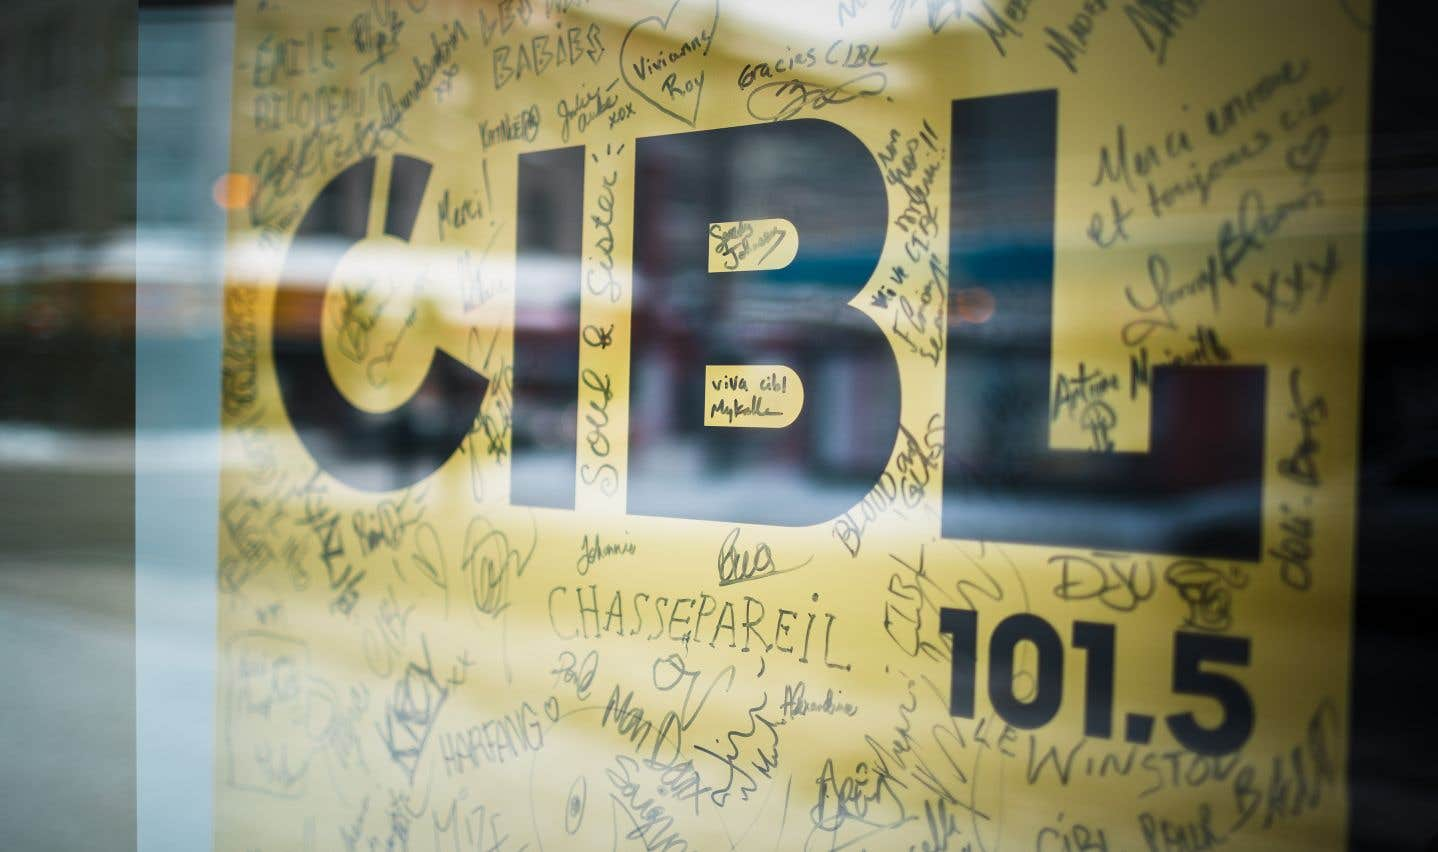 La station CIBL a mis à pied tous ses employés en raison de difficultés financières le 5 janvier.